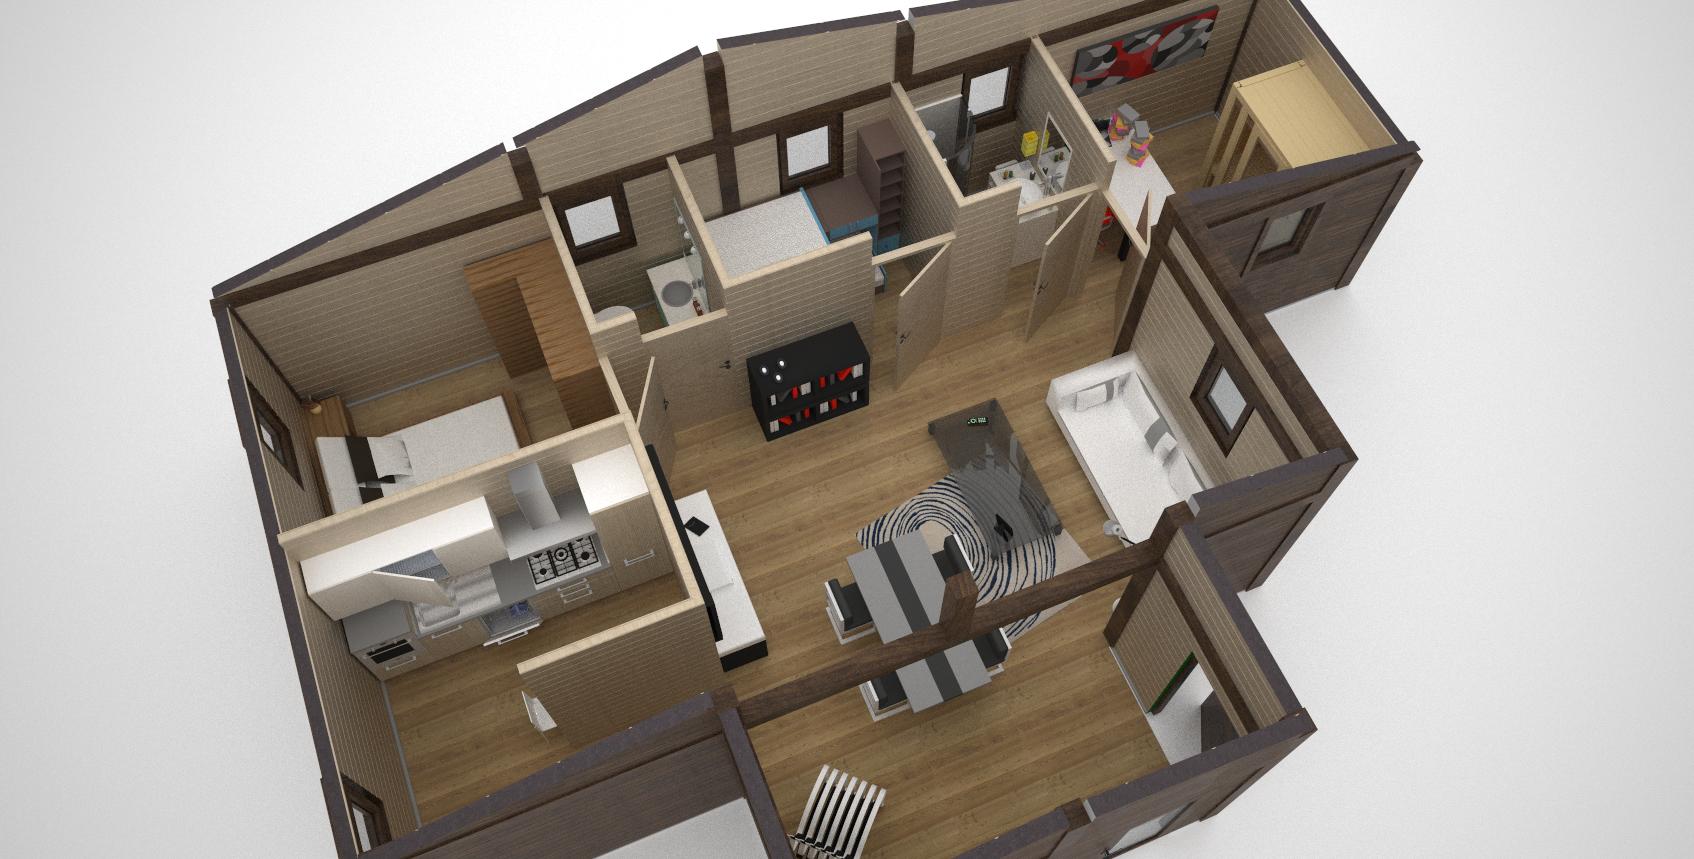 Bungalow in legno case abitabili in legno edil legno for Design interni case piccole